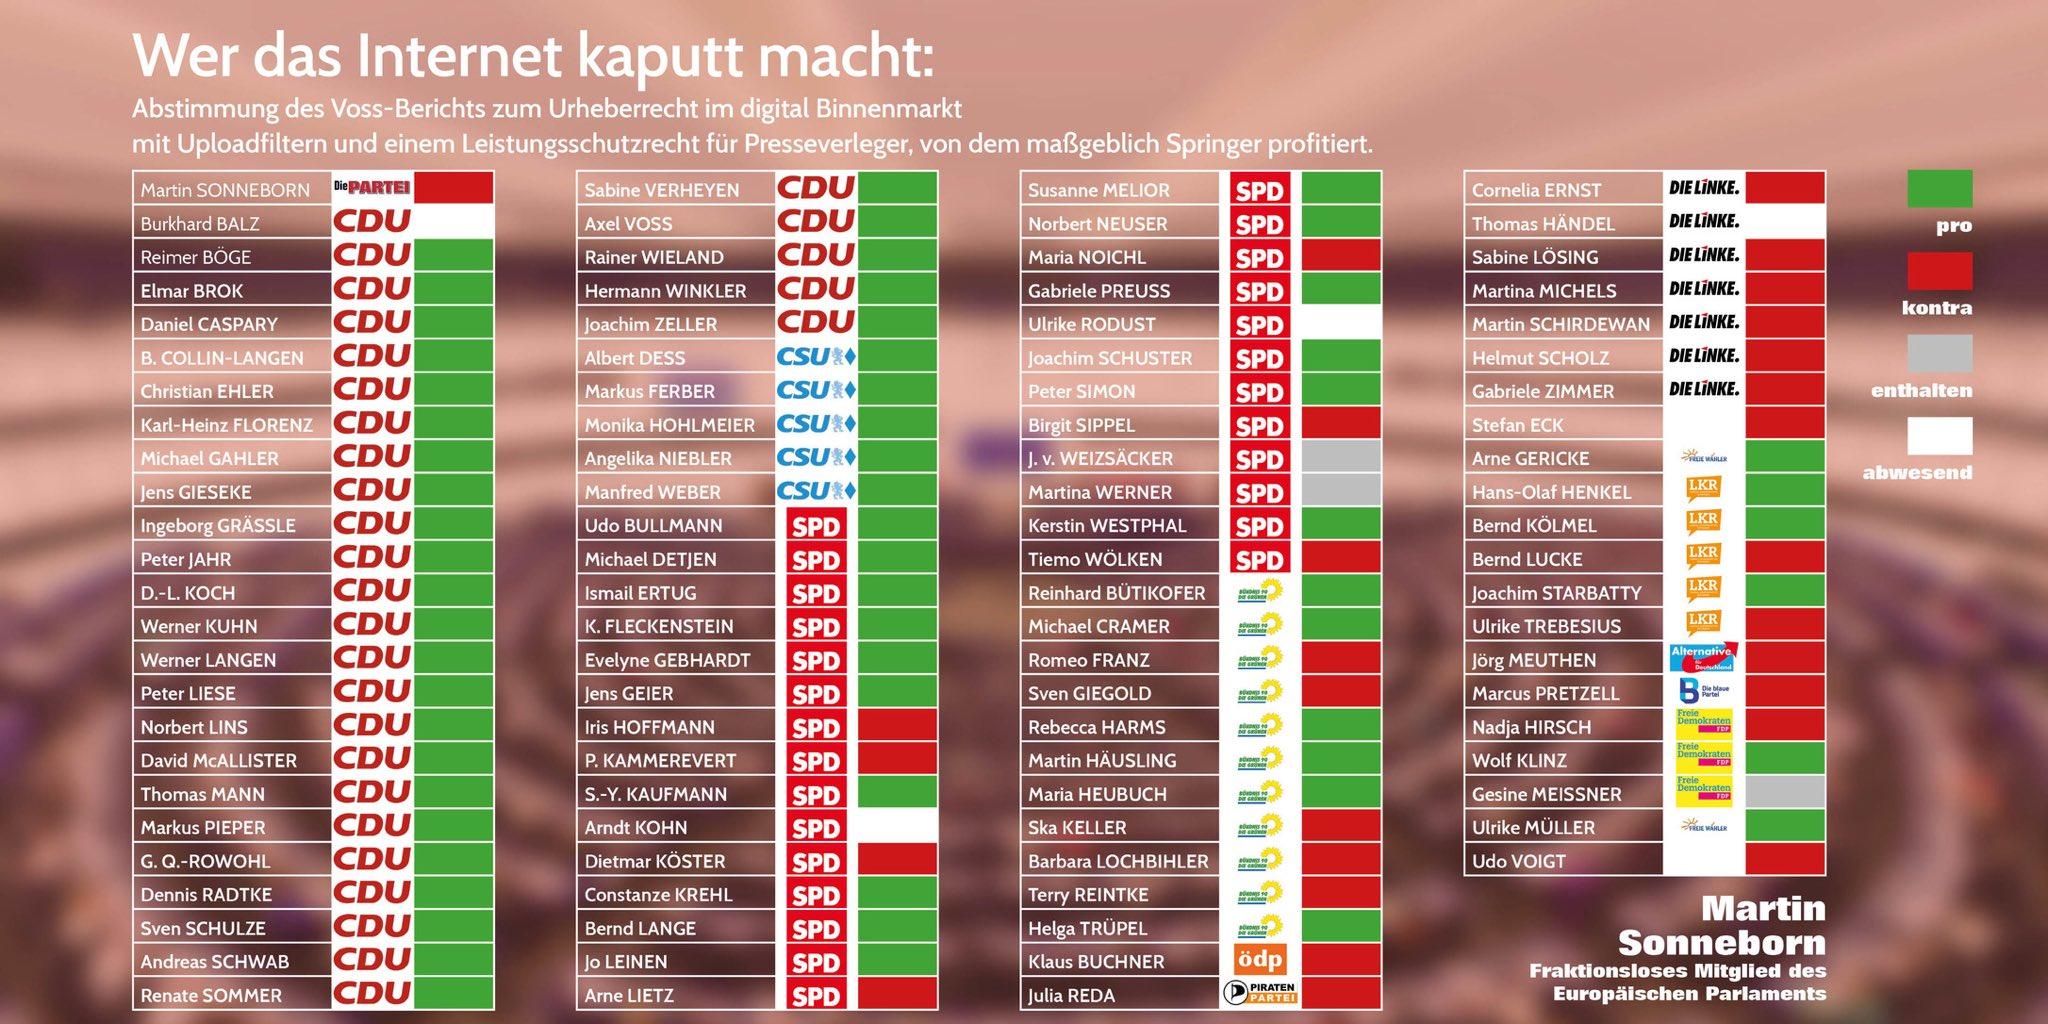 Auflistung: Diese deutschen Politiker machen das Internet kaputt